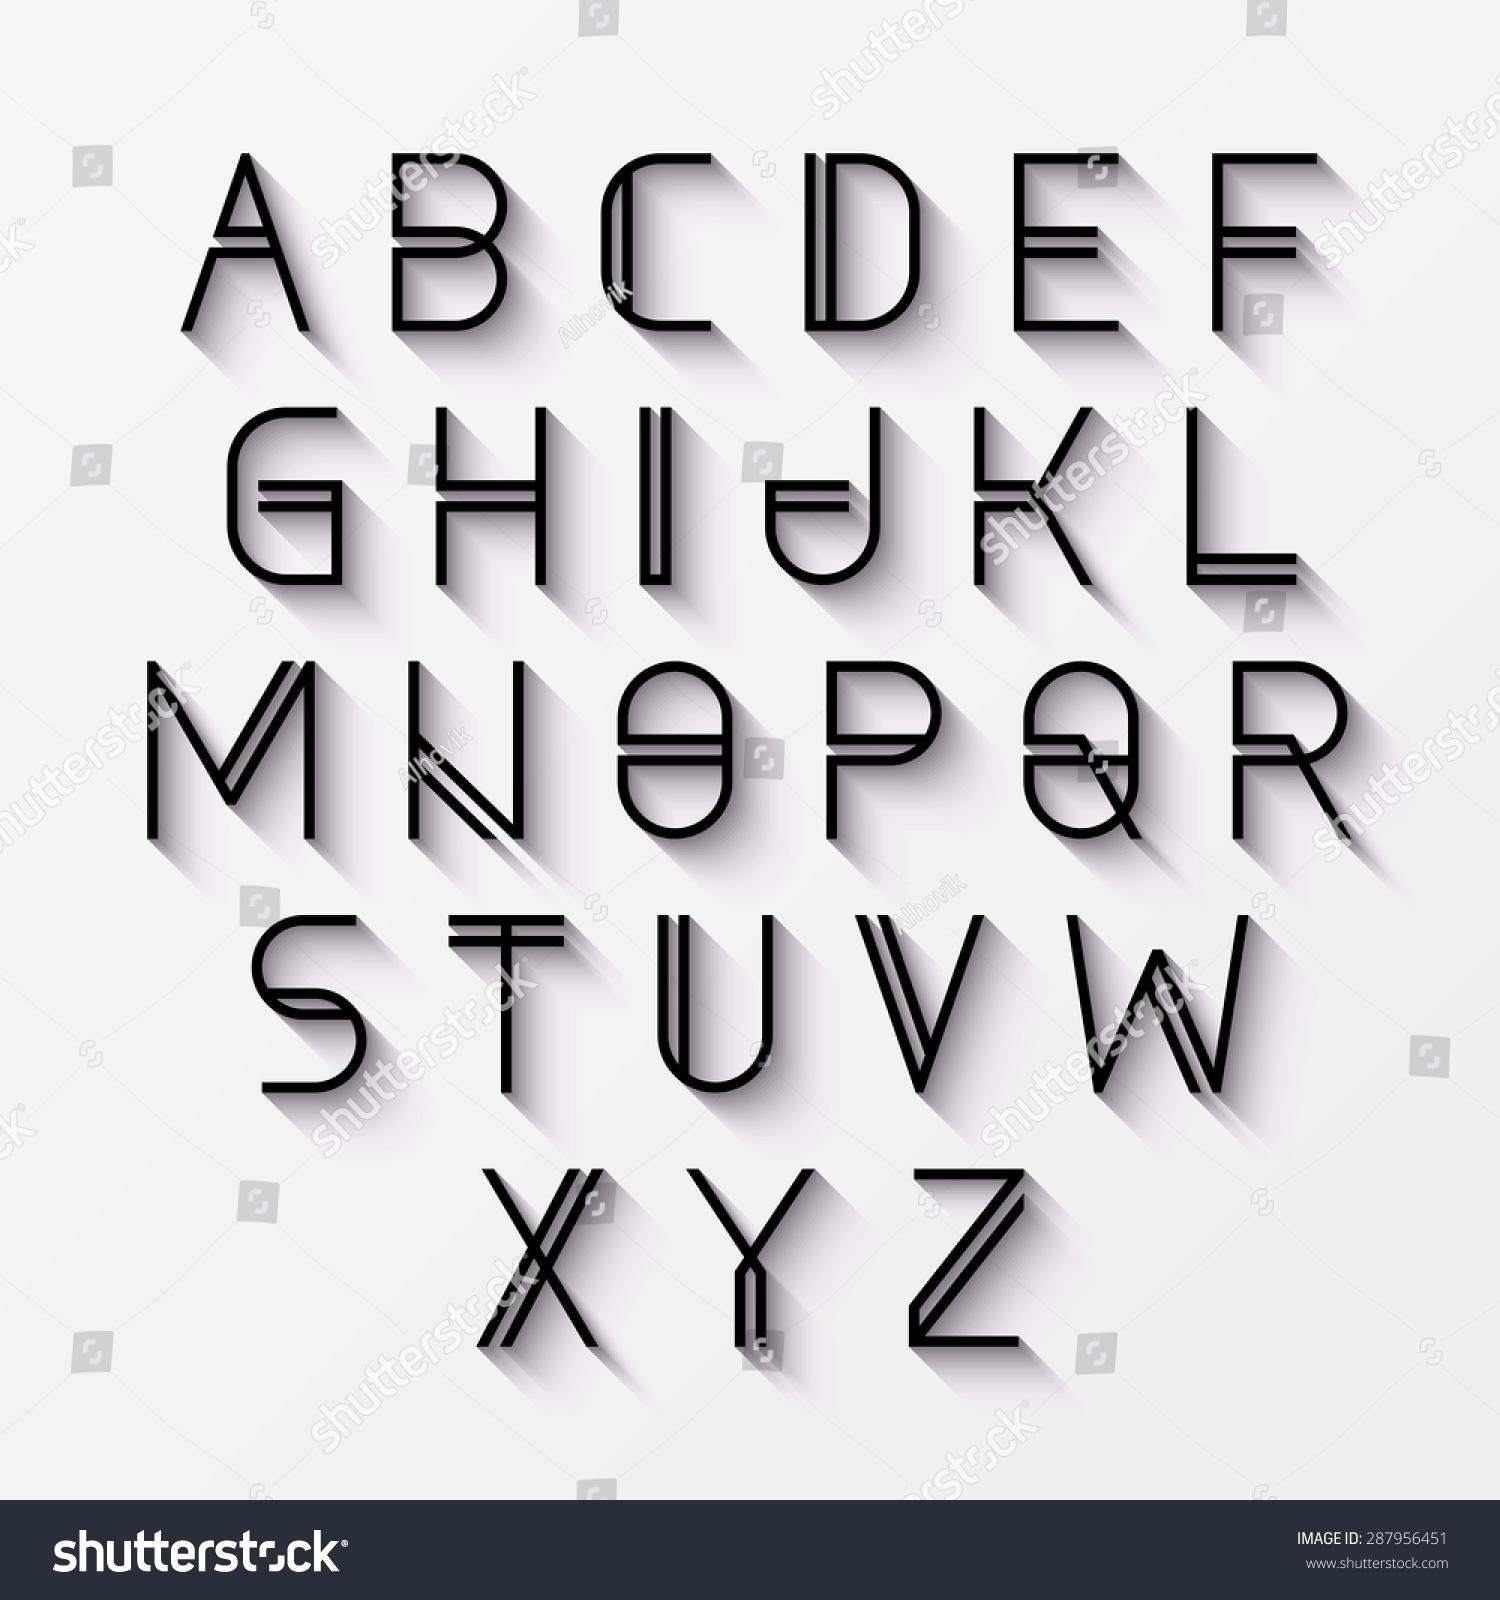 Modern Font Shadow Effect Vector Stock Vector 287956451 - Shutterstock